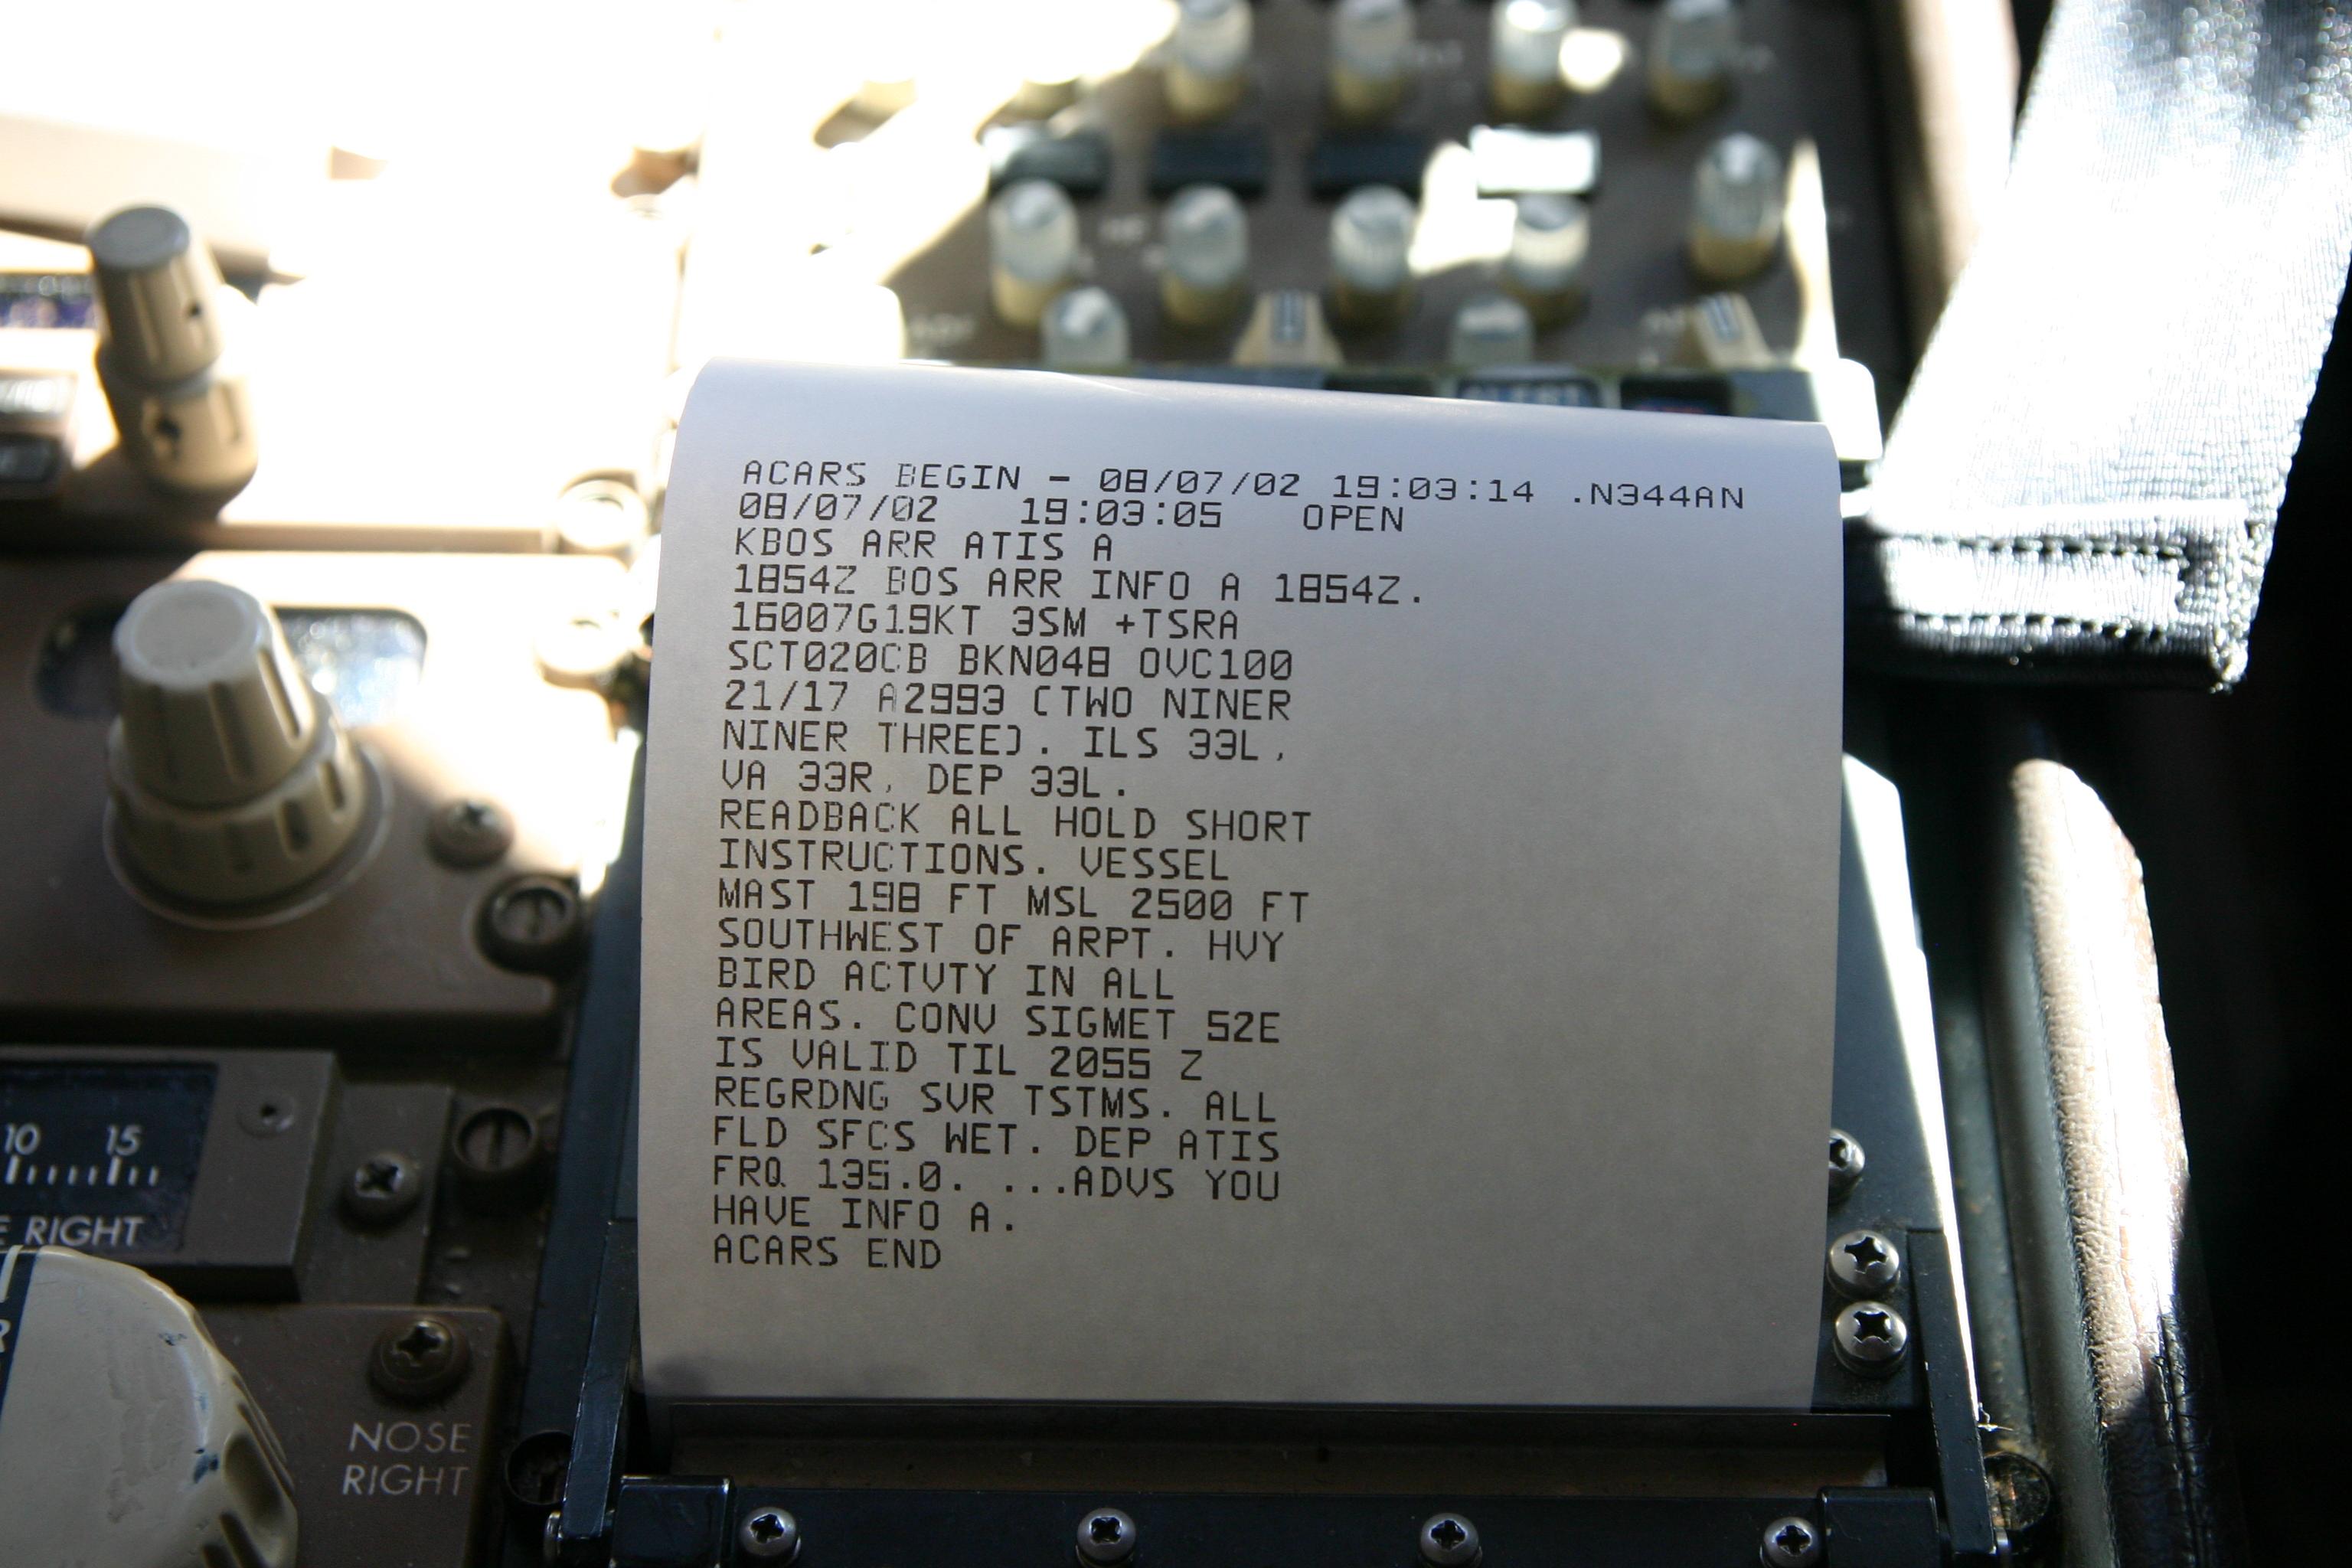 Imprimante de message ACARS d'un Boeing 757